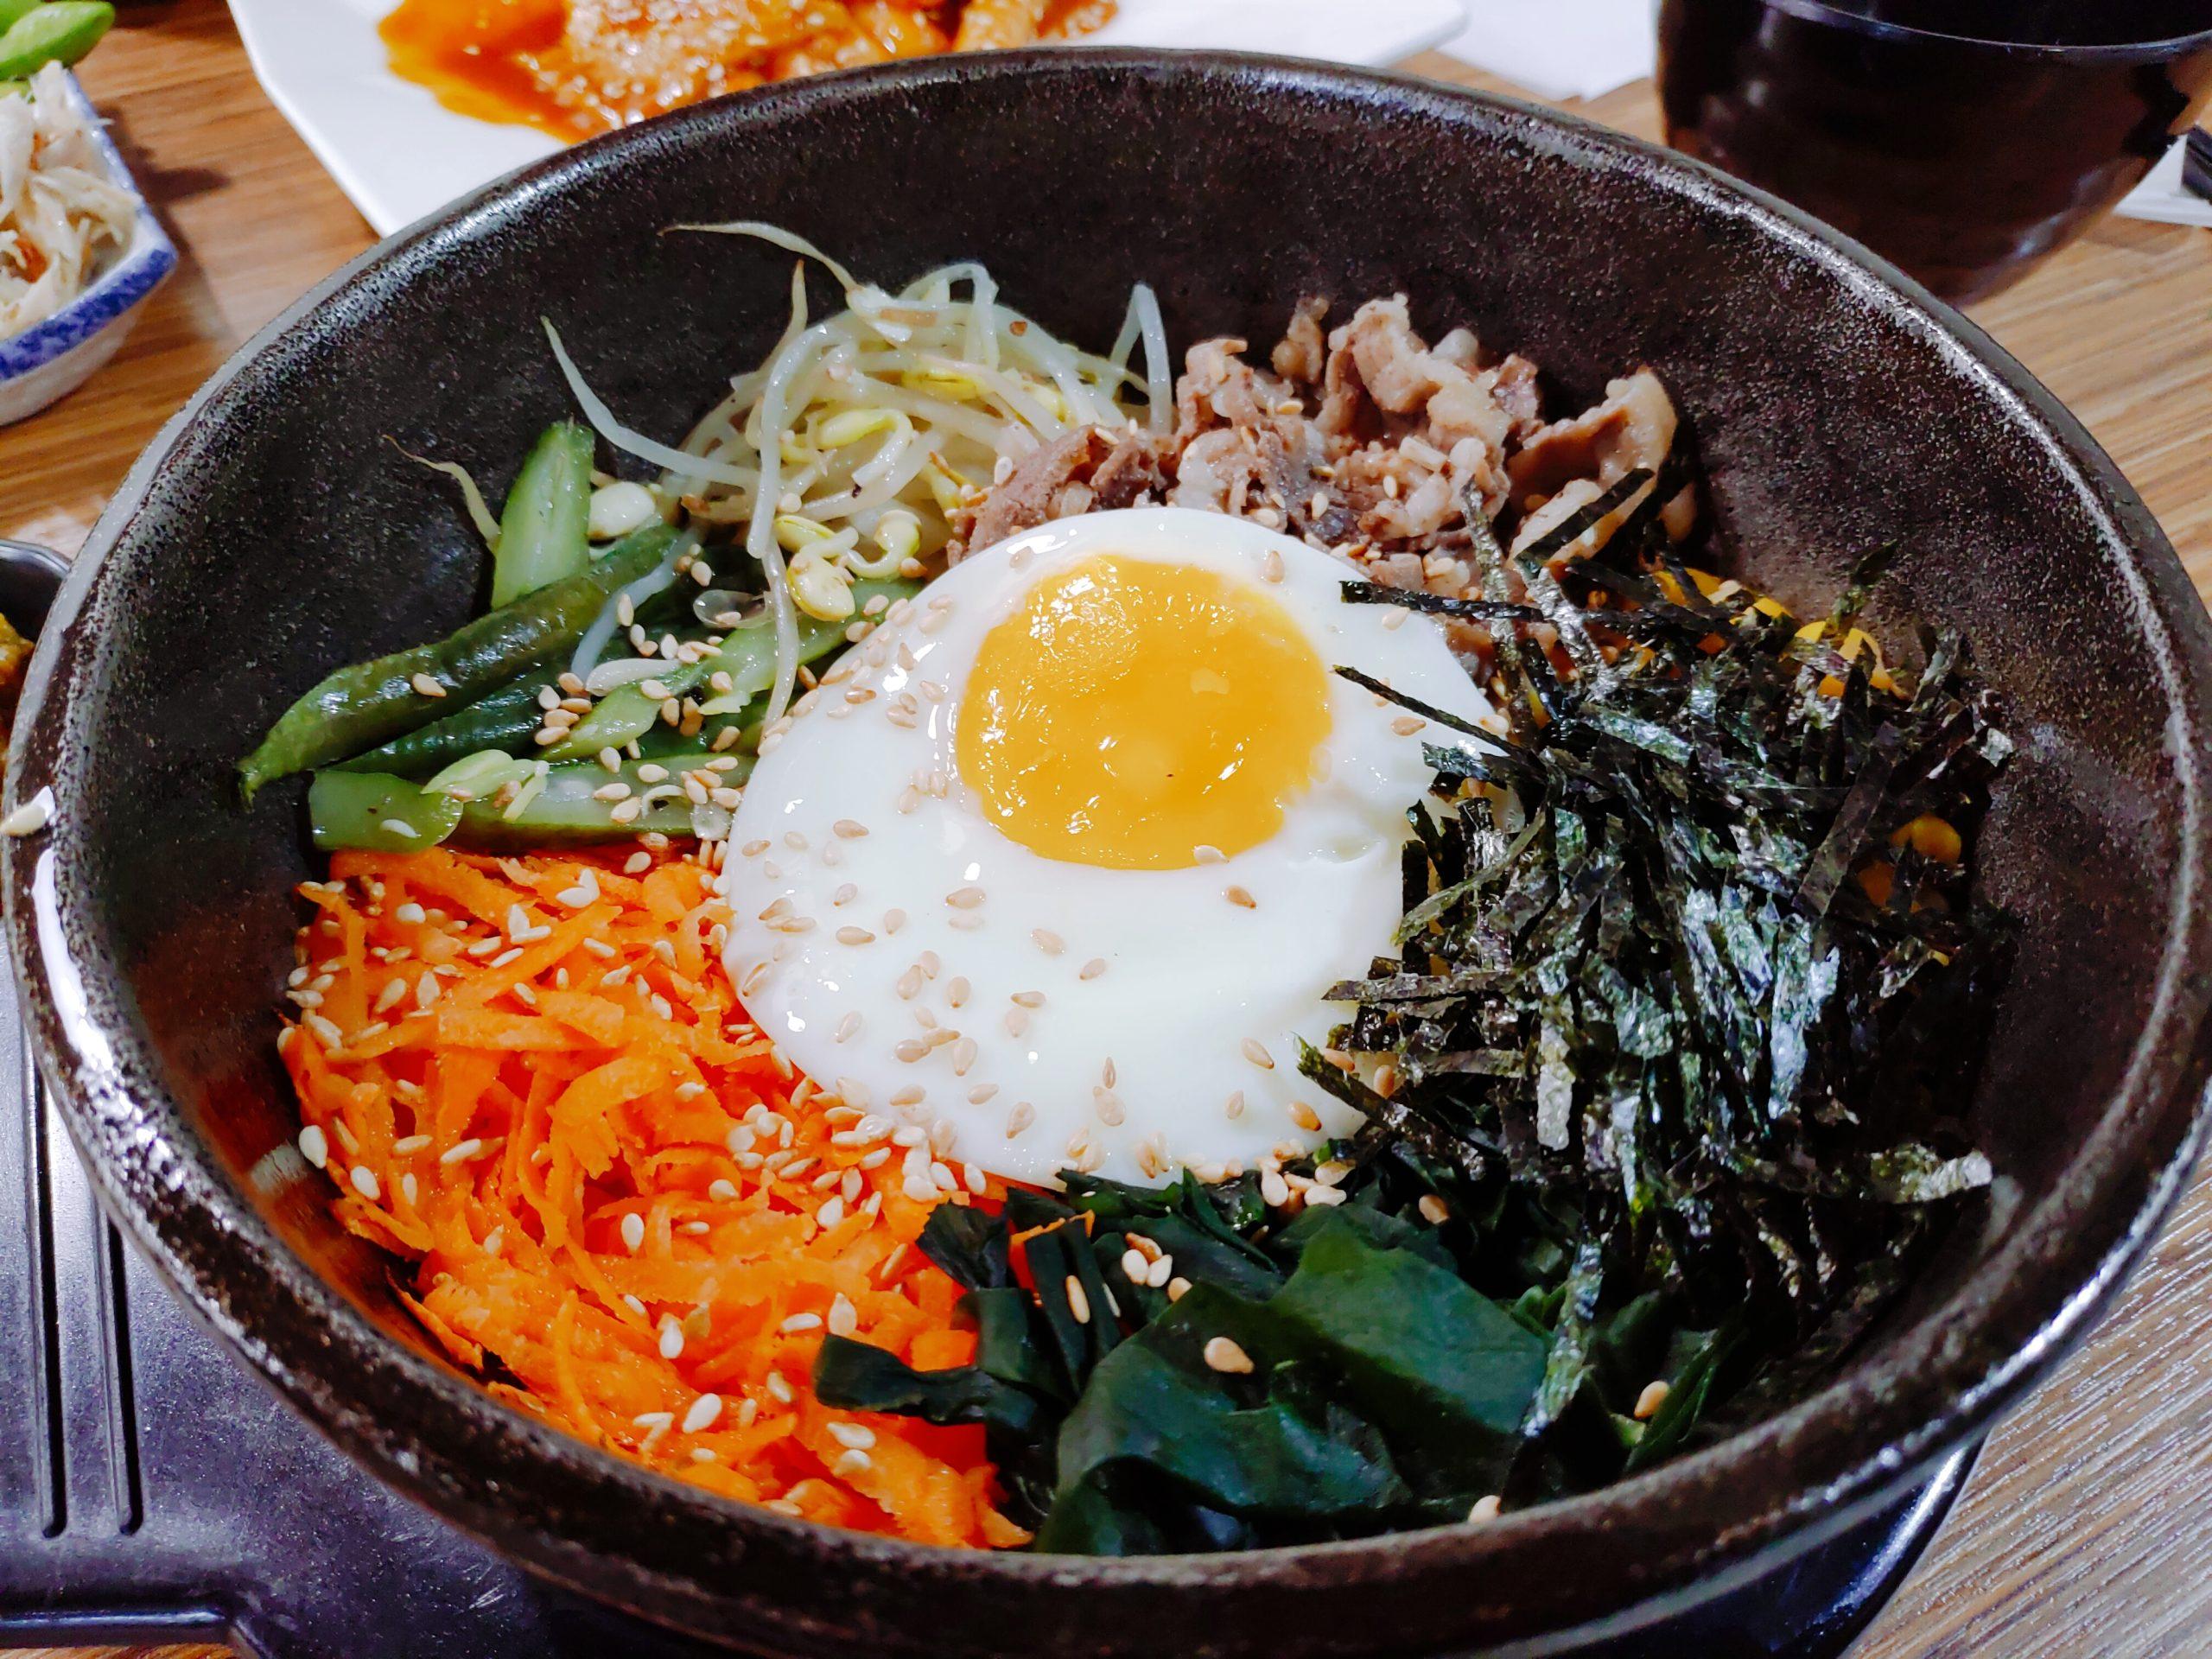 【花蓮玉里】十二太極韓式料理|平價韓式料理,免費暢飲的湯跟飲料